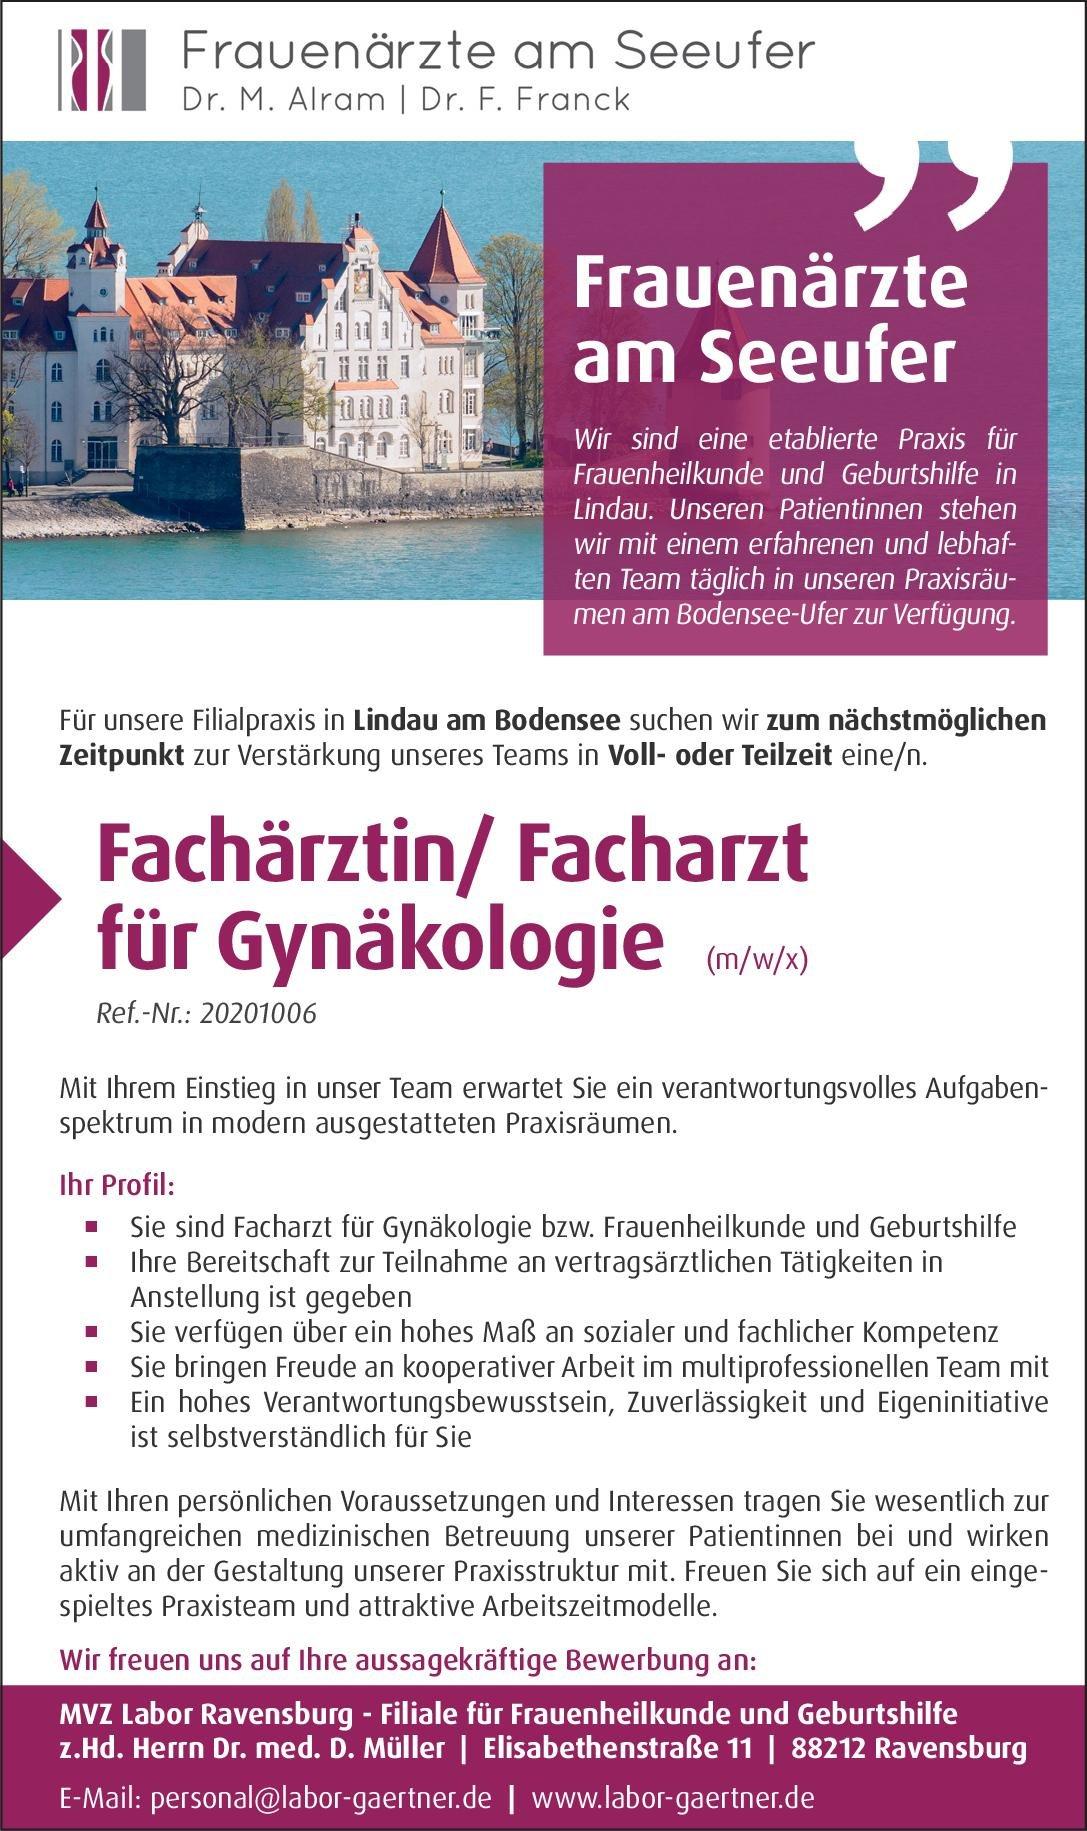 Frauenärzte am Seeufer Fachärztin/Facharzt für Gynäkologie (m/w/x)  Frauenheilkunde und Geburtshilfe, Frauenheilkunde und Geburtshilfe Arzt / Facharzt